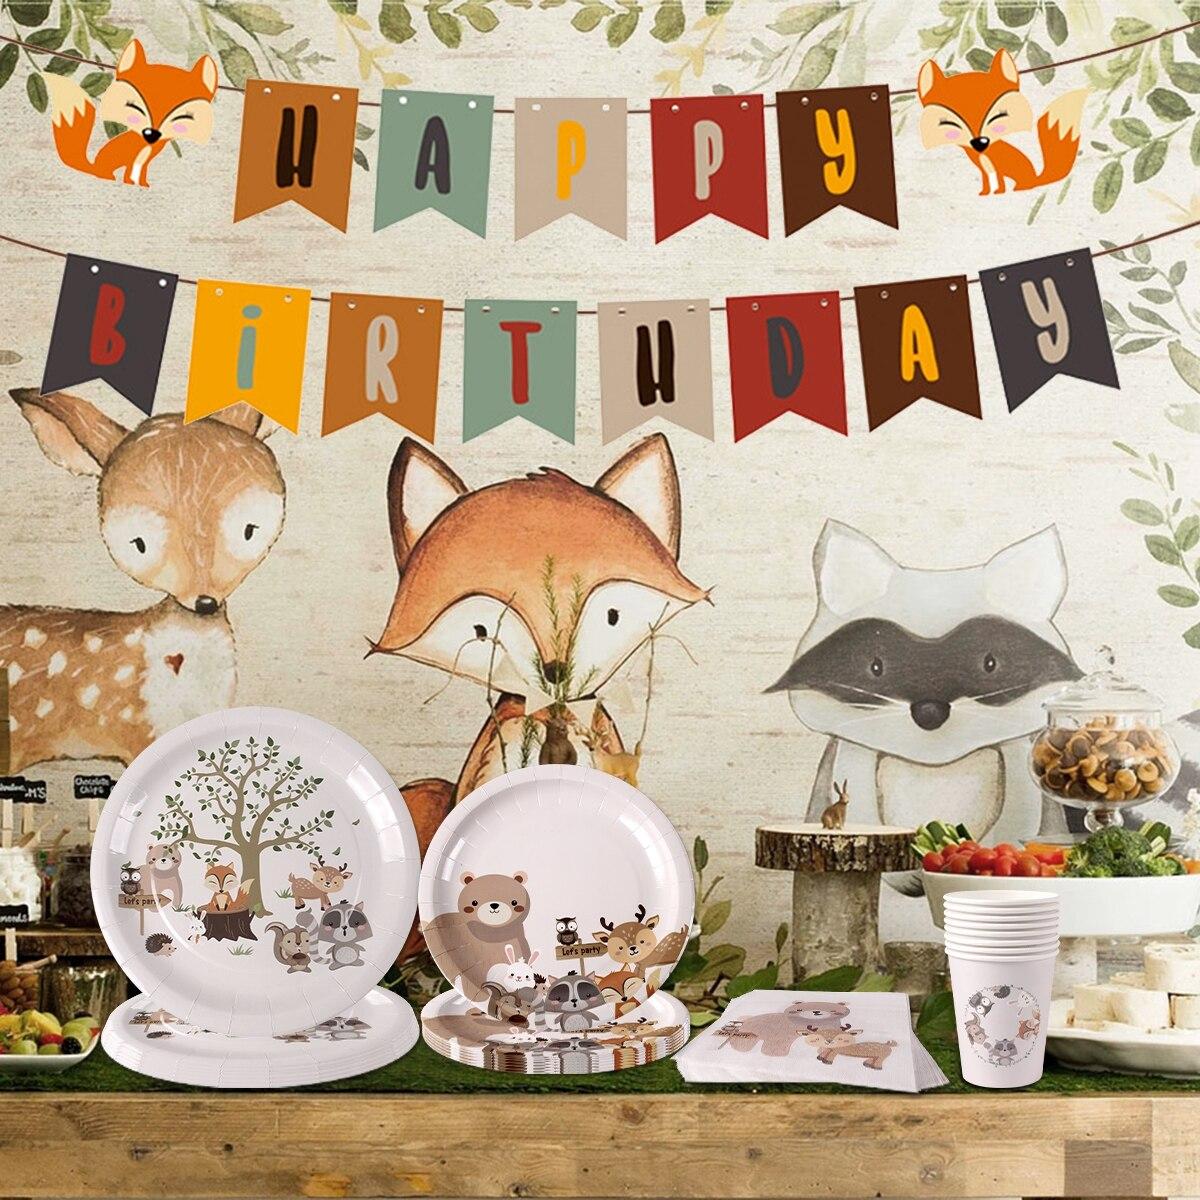 Украшения для детского дня рождения с изображением леса, сафари, джунглей